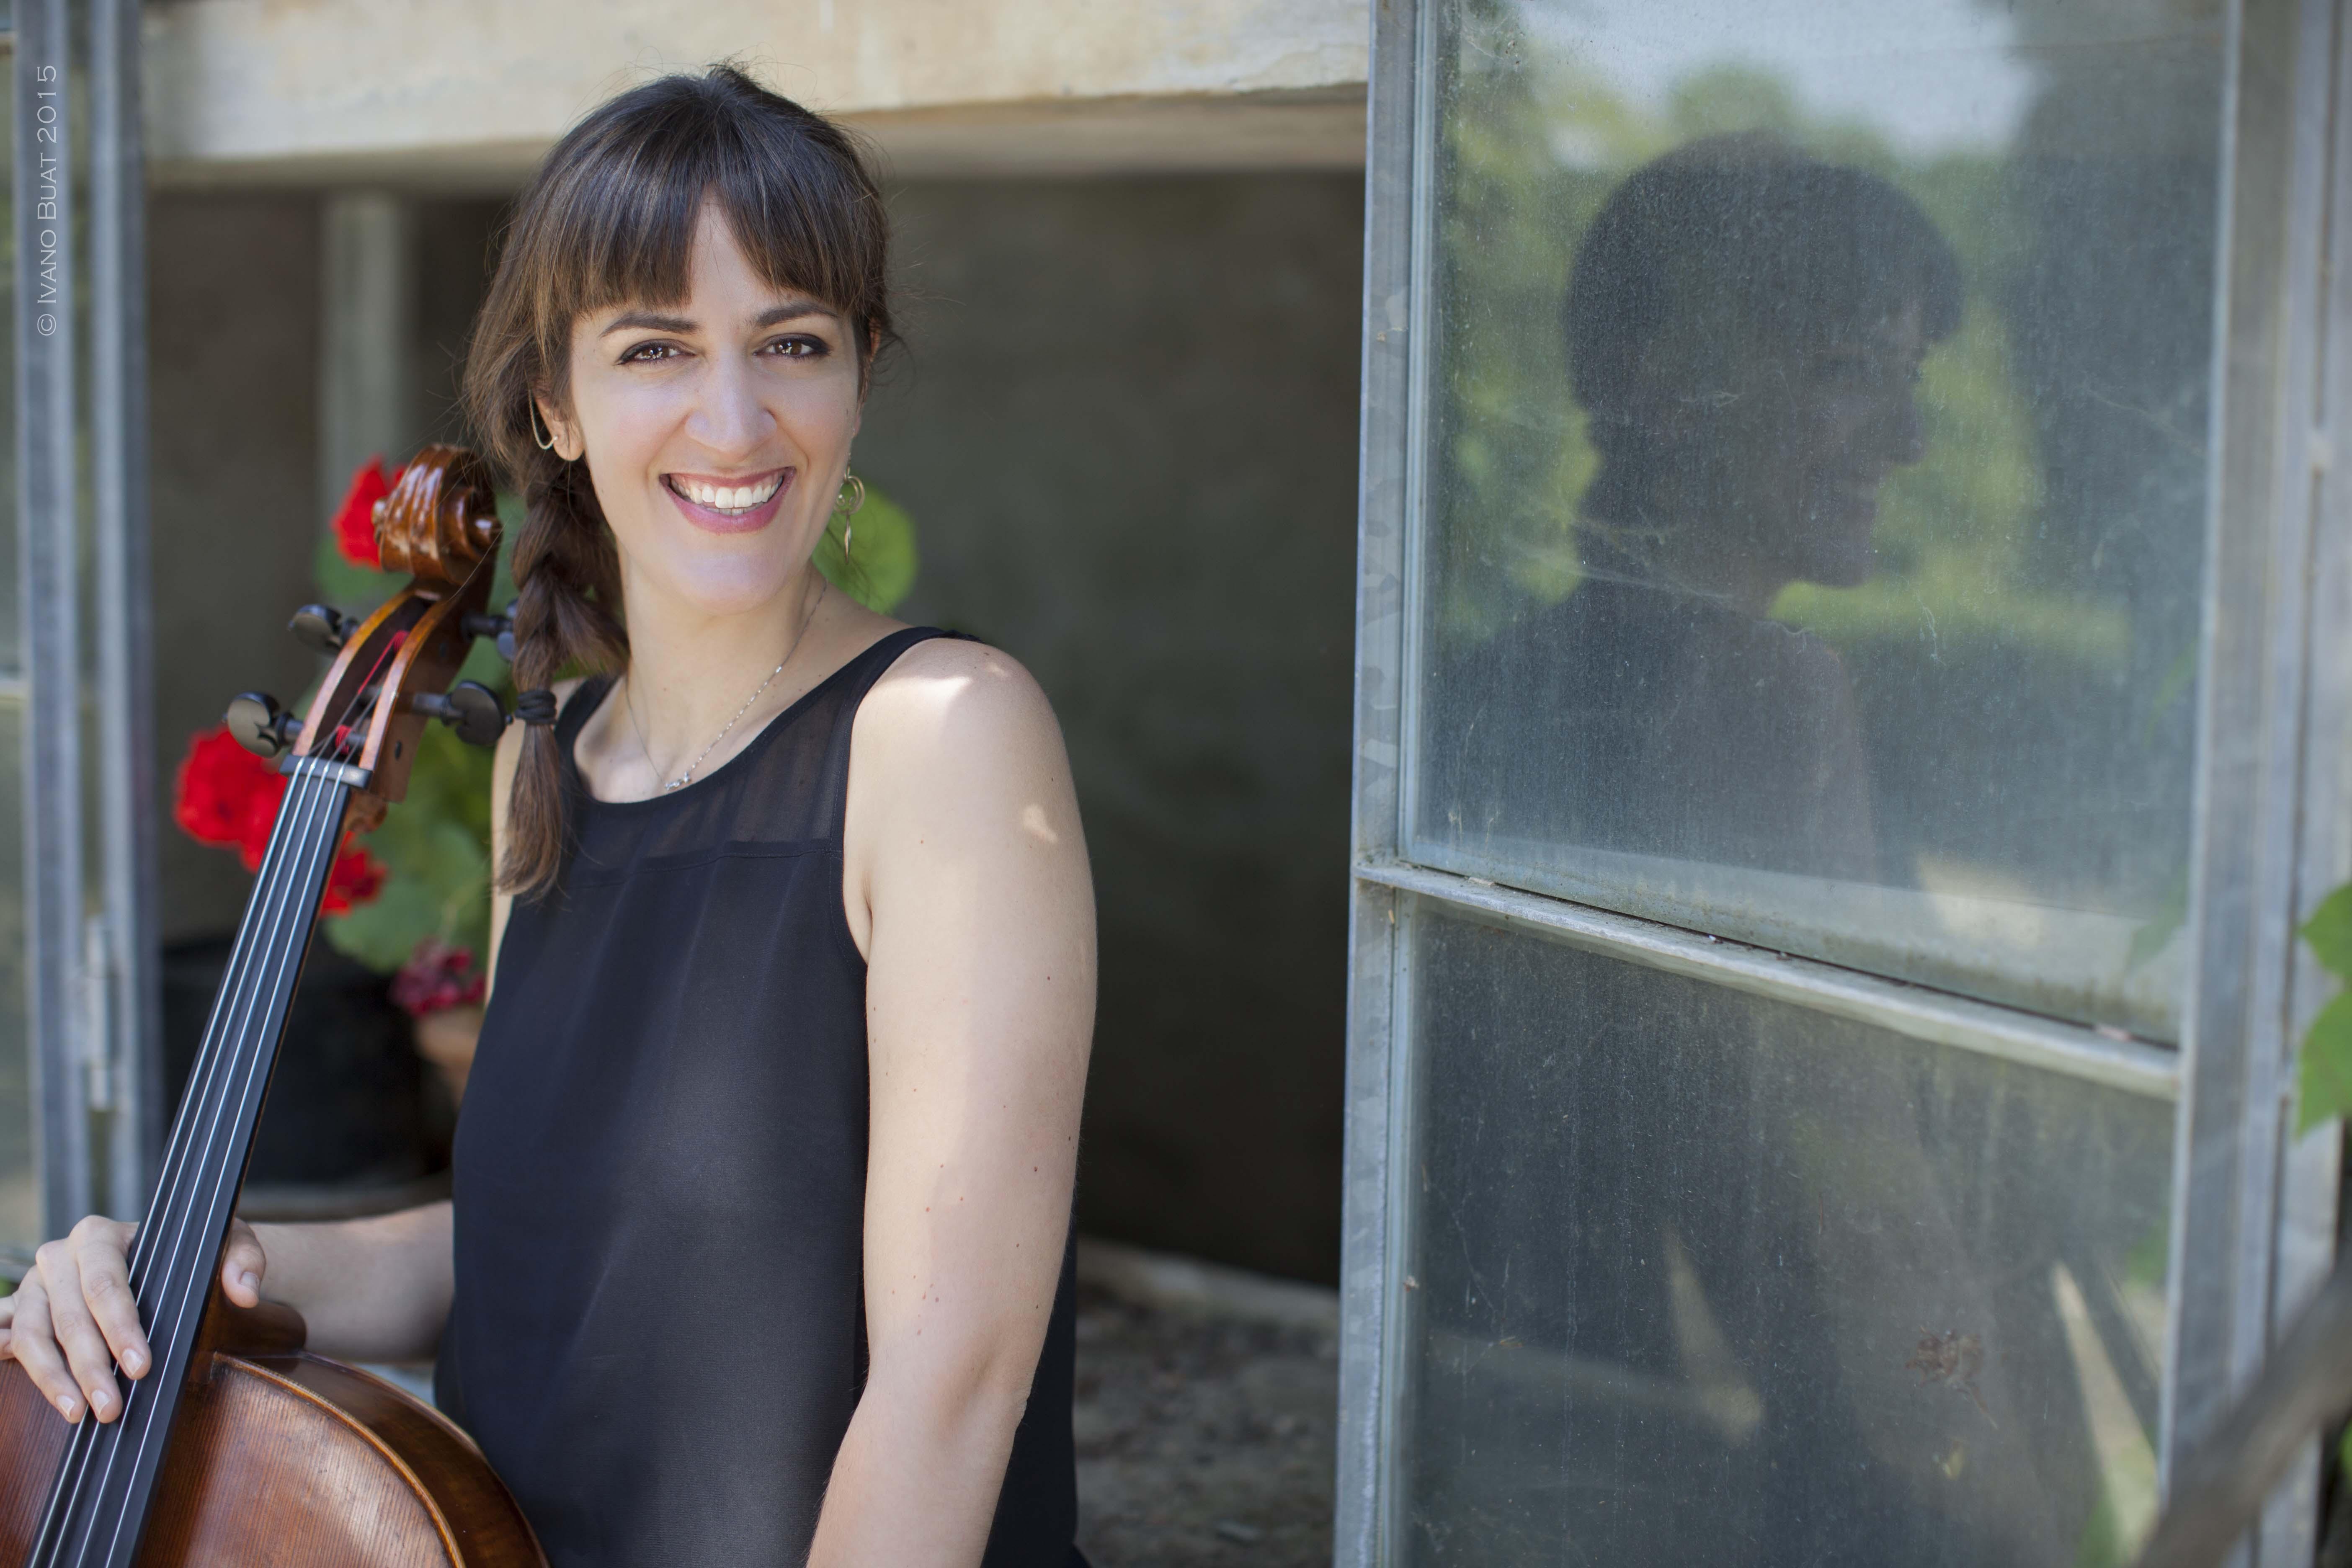 Violoncellista torino, cellist, violoncellista matrimoni